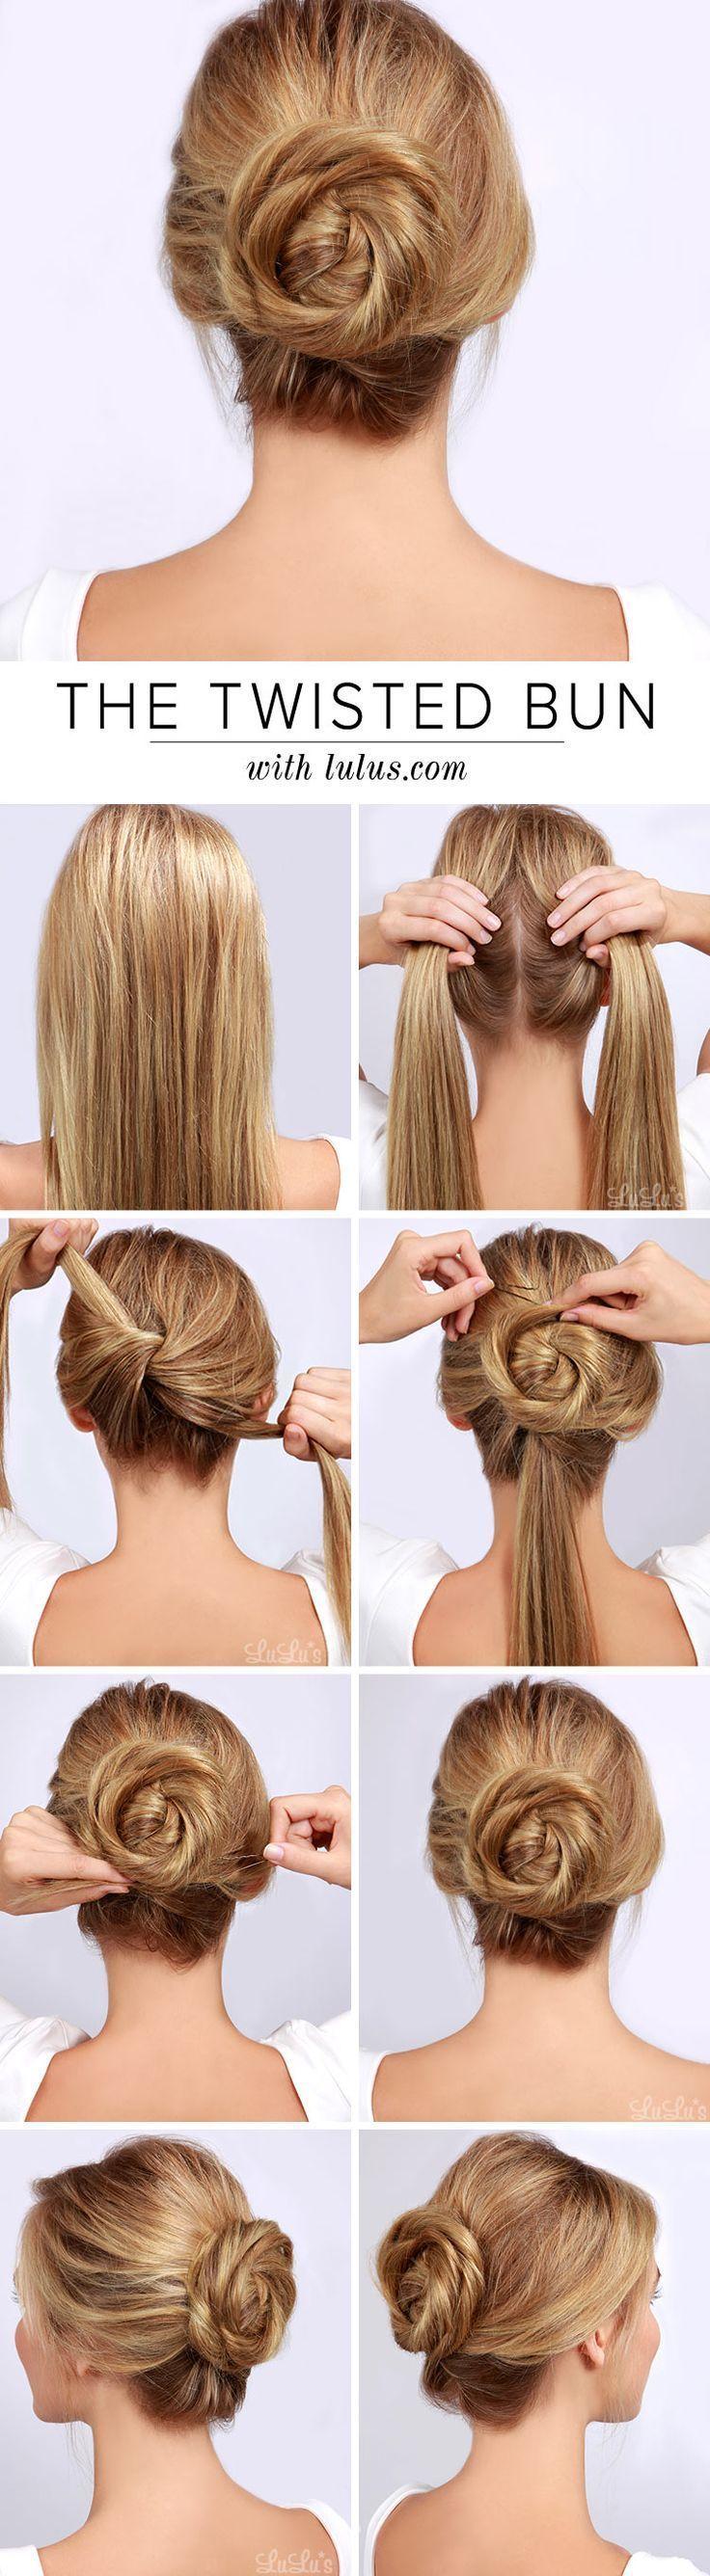 295 best Hair images on Pinterest